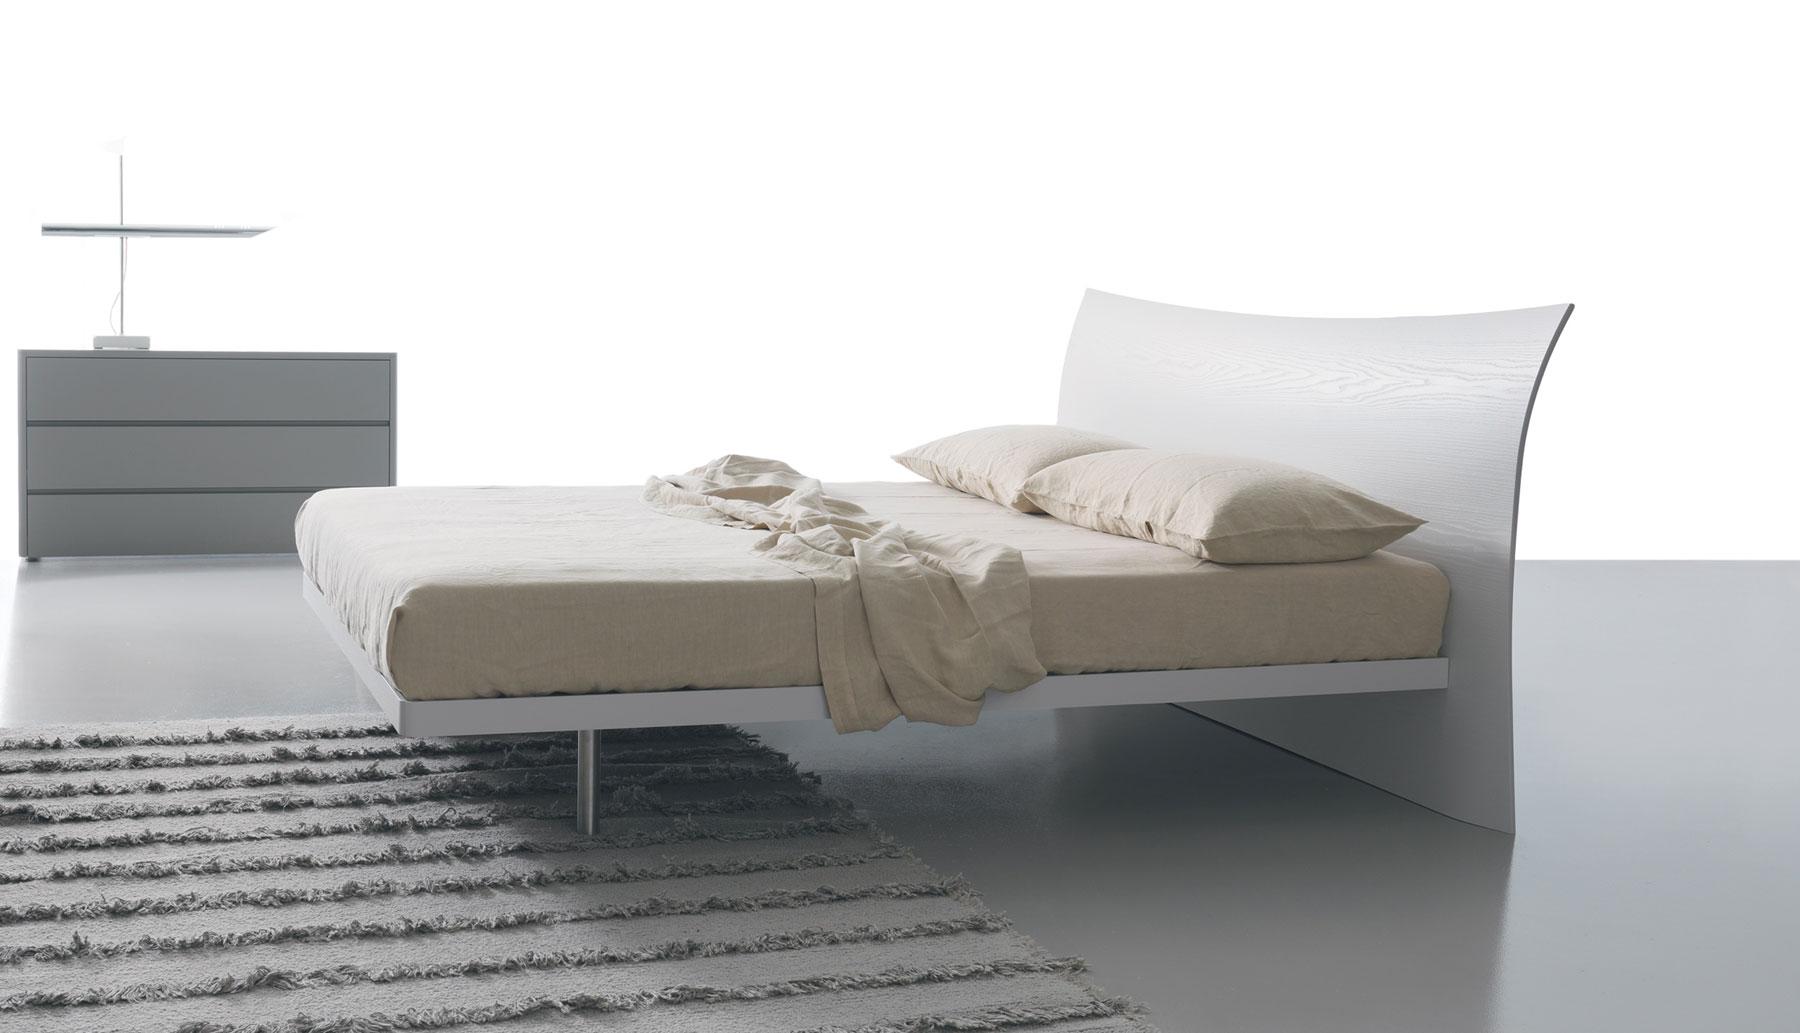 letto-longuette-caccaroCC4E74D8-B2B3-AF92-4F4F-6E6FF2FA5370